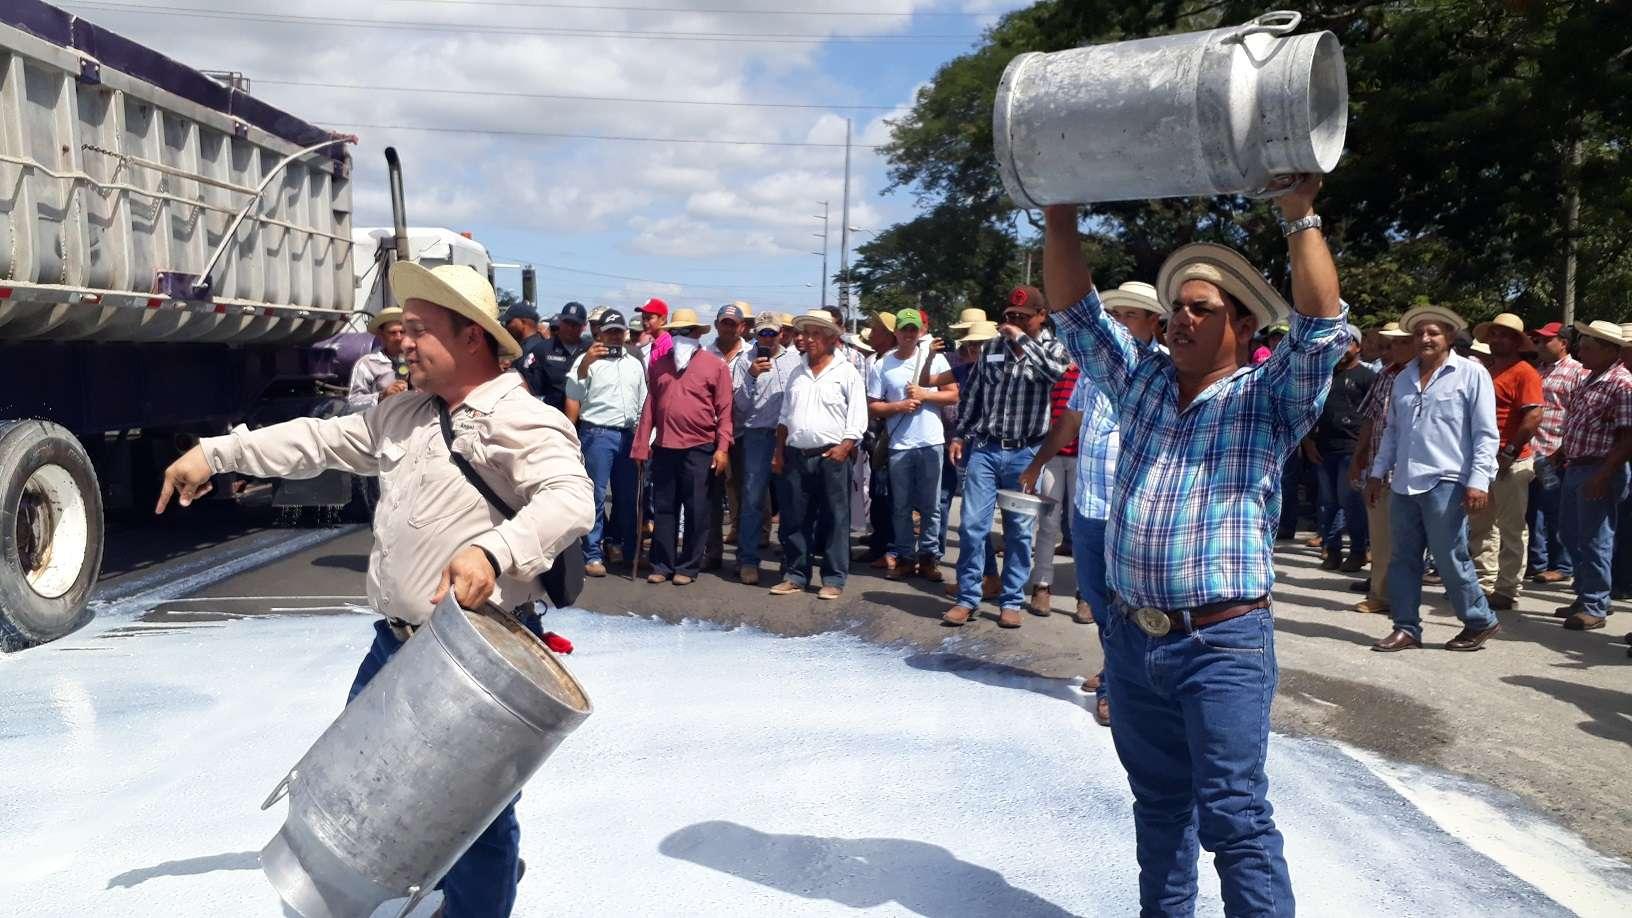 vaciaron garrafones de leche en la carretera como medida de protesta, ya que aseguran este producto es uno de los más afectados por la crisis del agro. Foto: Thays Domínguez